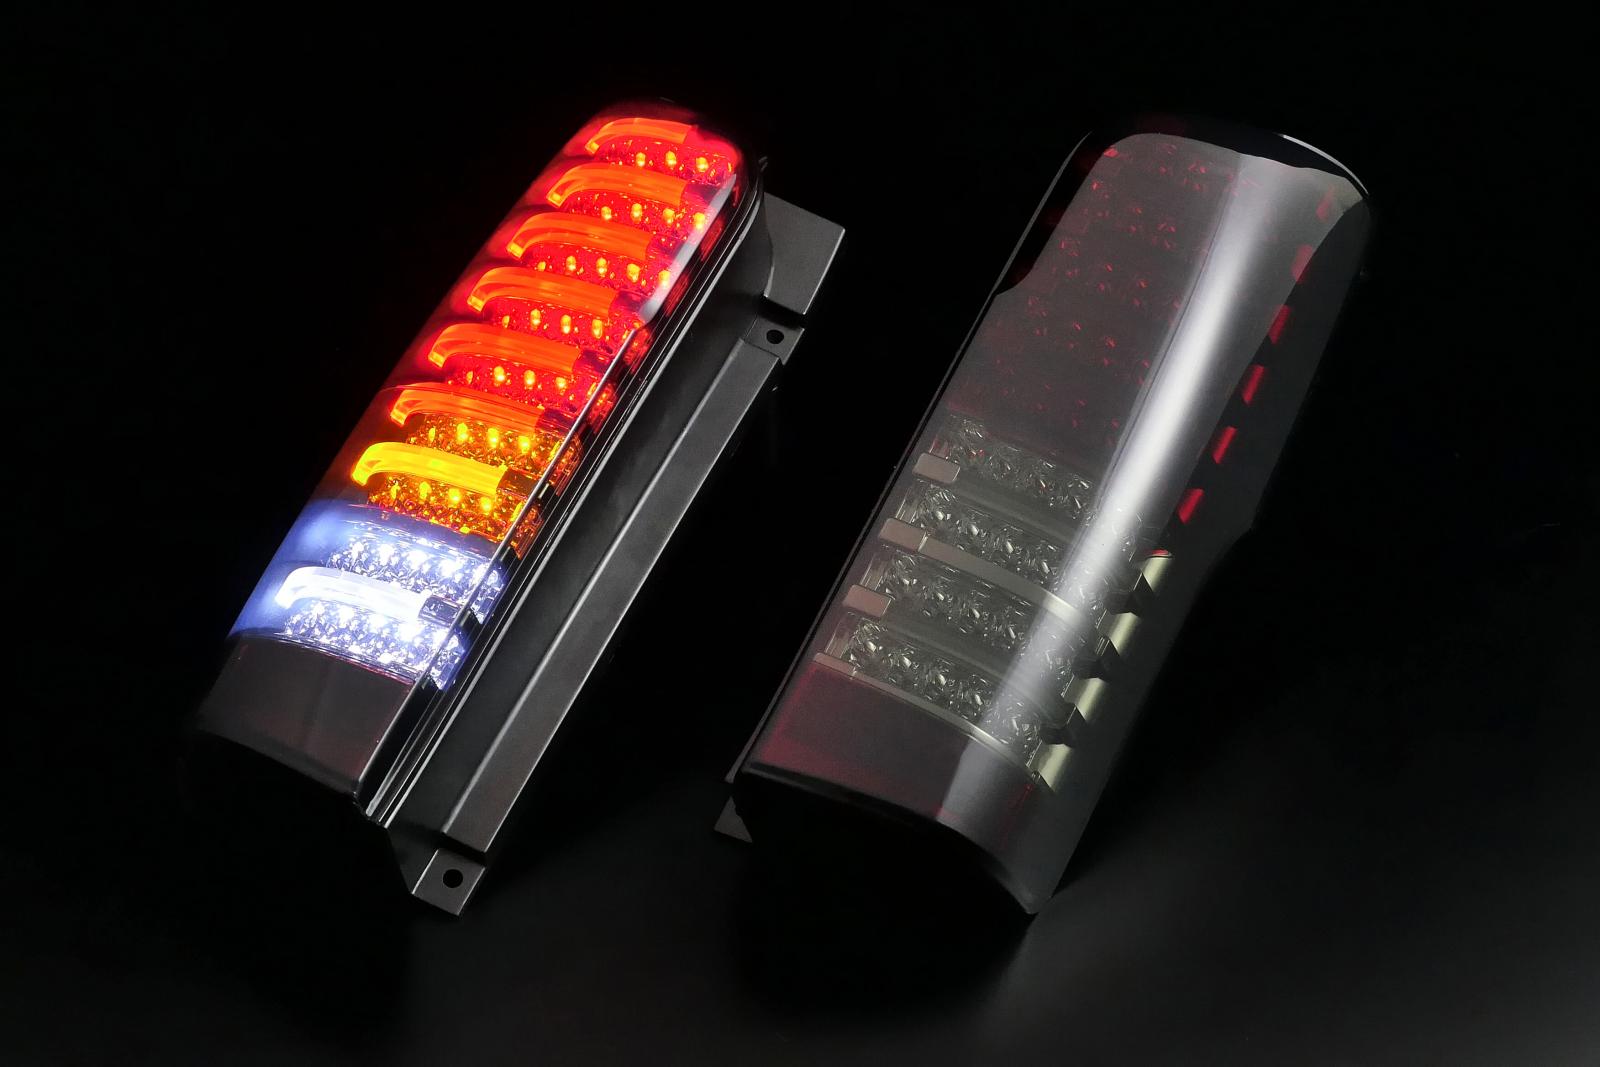 【期間限定特価】ニッサン NV350 キャラバン チューブフルLEDテール 2012/06~2017/07(H24/06~H29/07) (インナーレッドクローム/スモークレンズ) クリアワールドチューブフル LEDテールランプ RTN-19